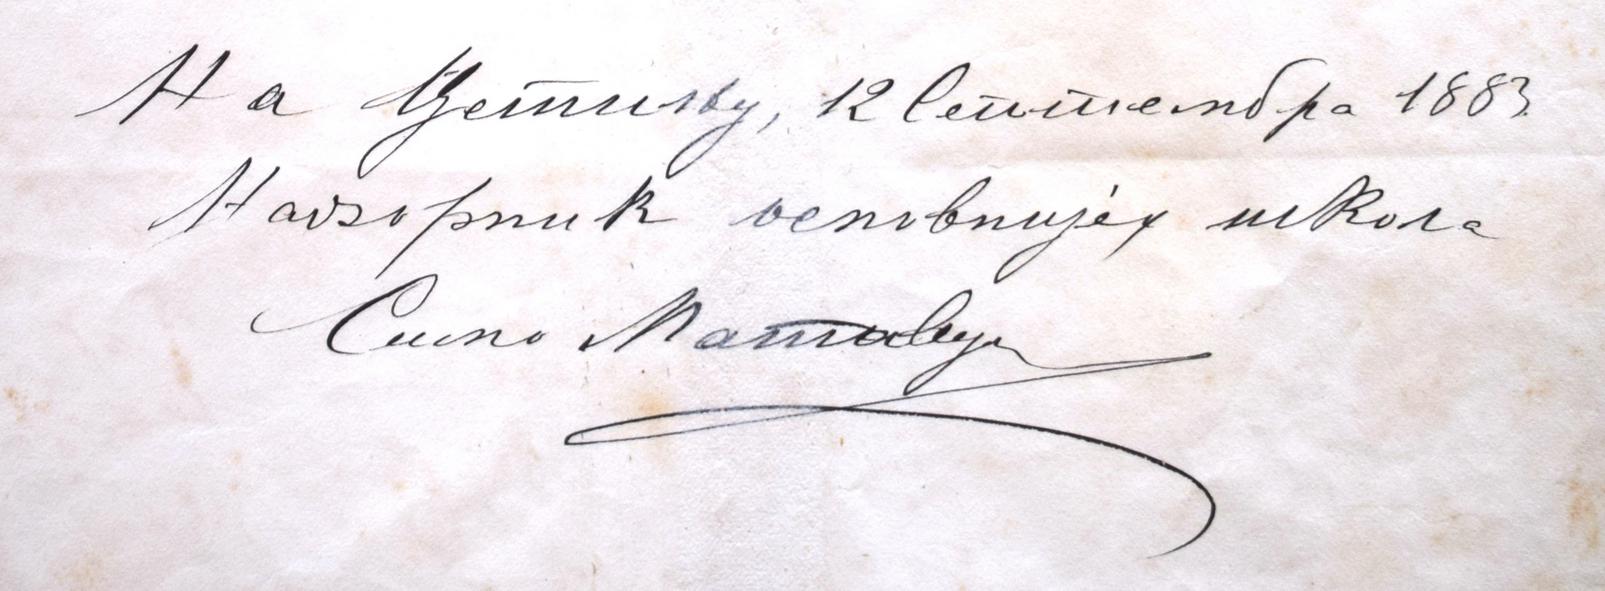 Potpis srpskog književnika Sima Matavulja_resize